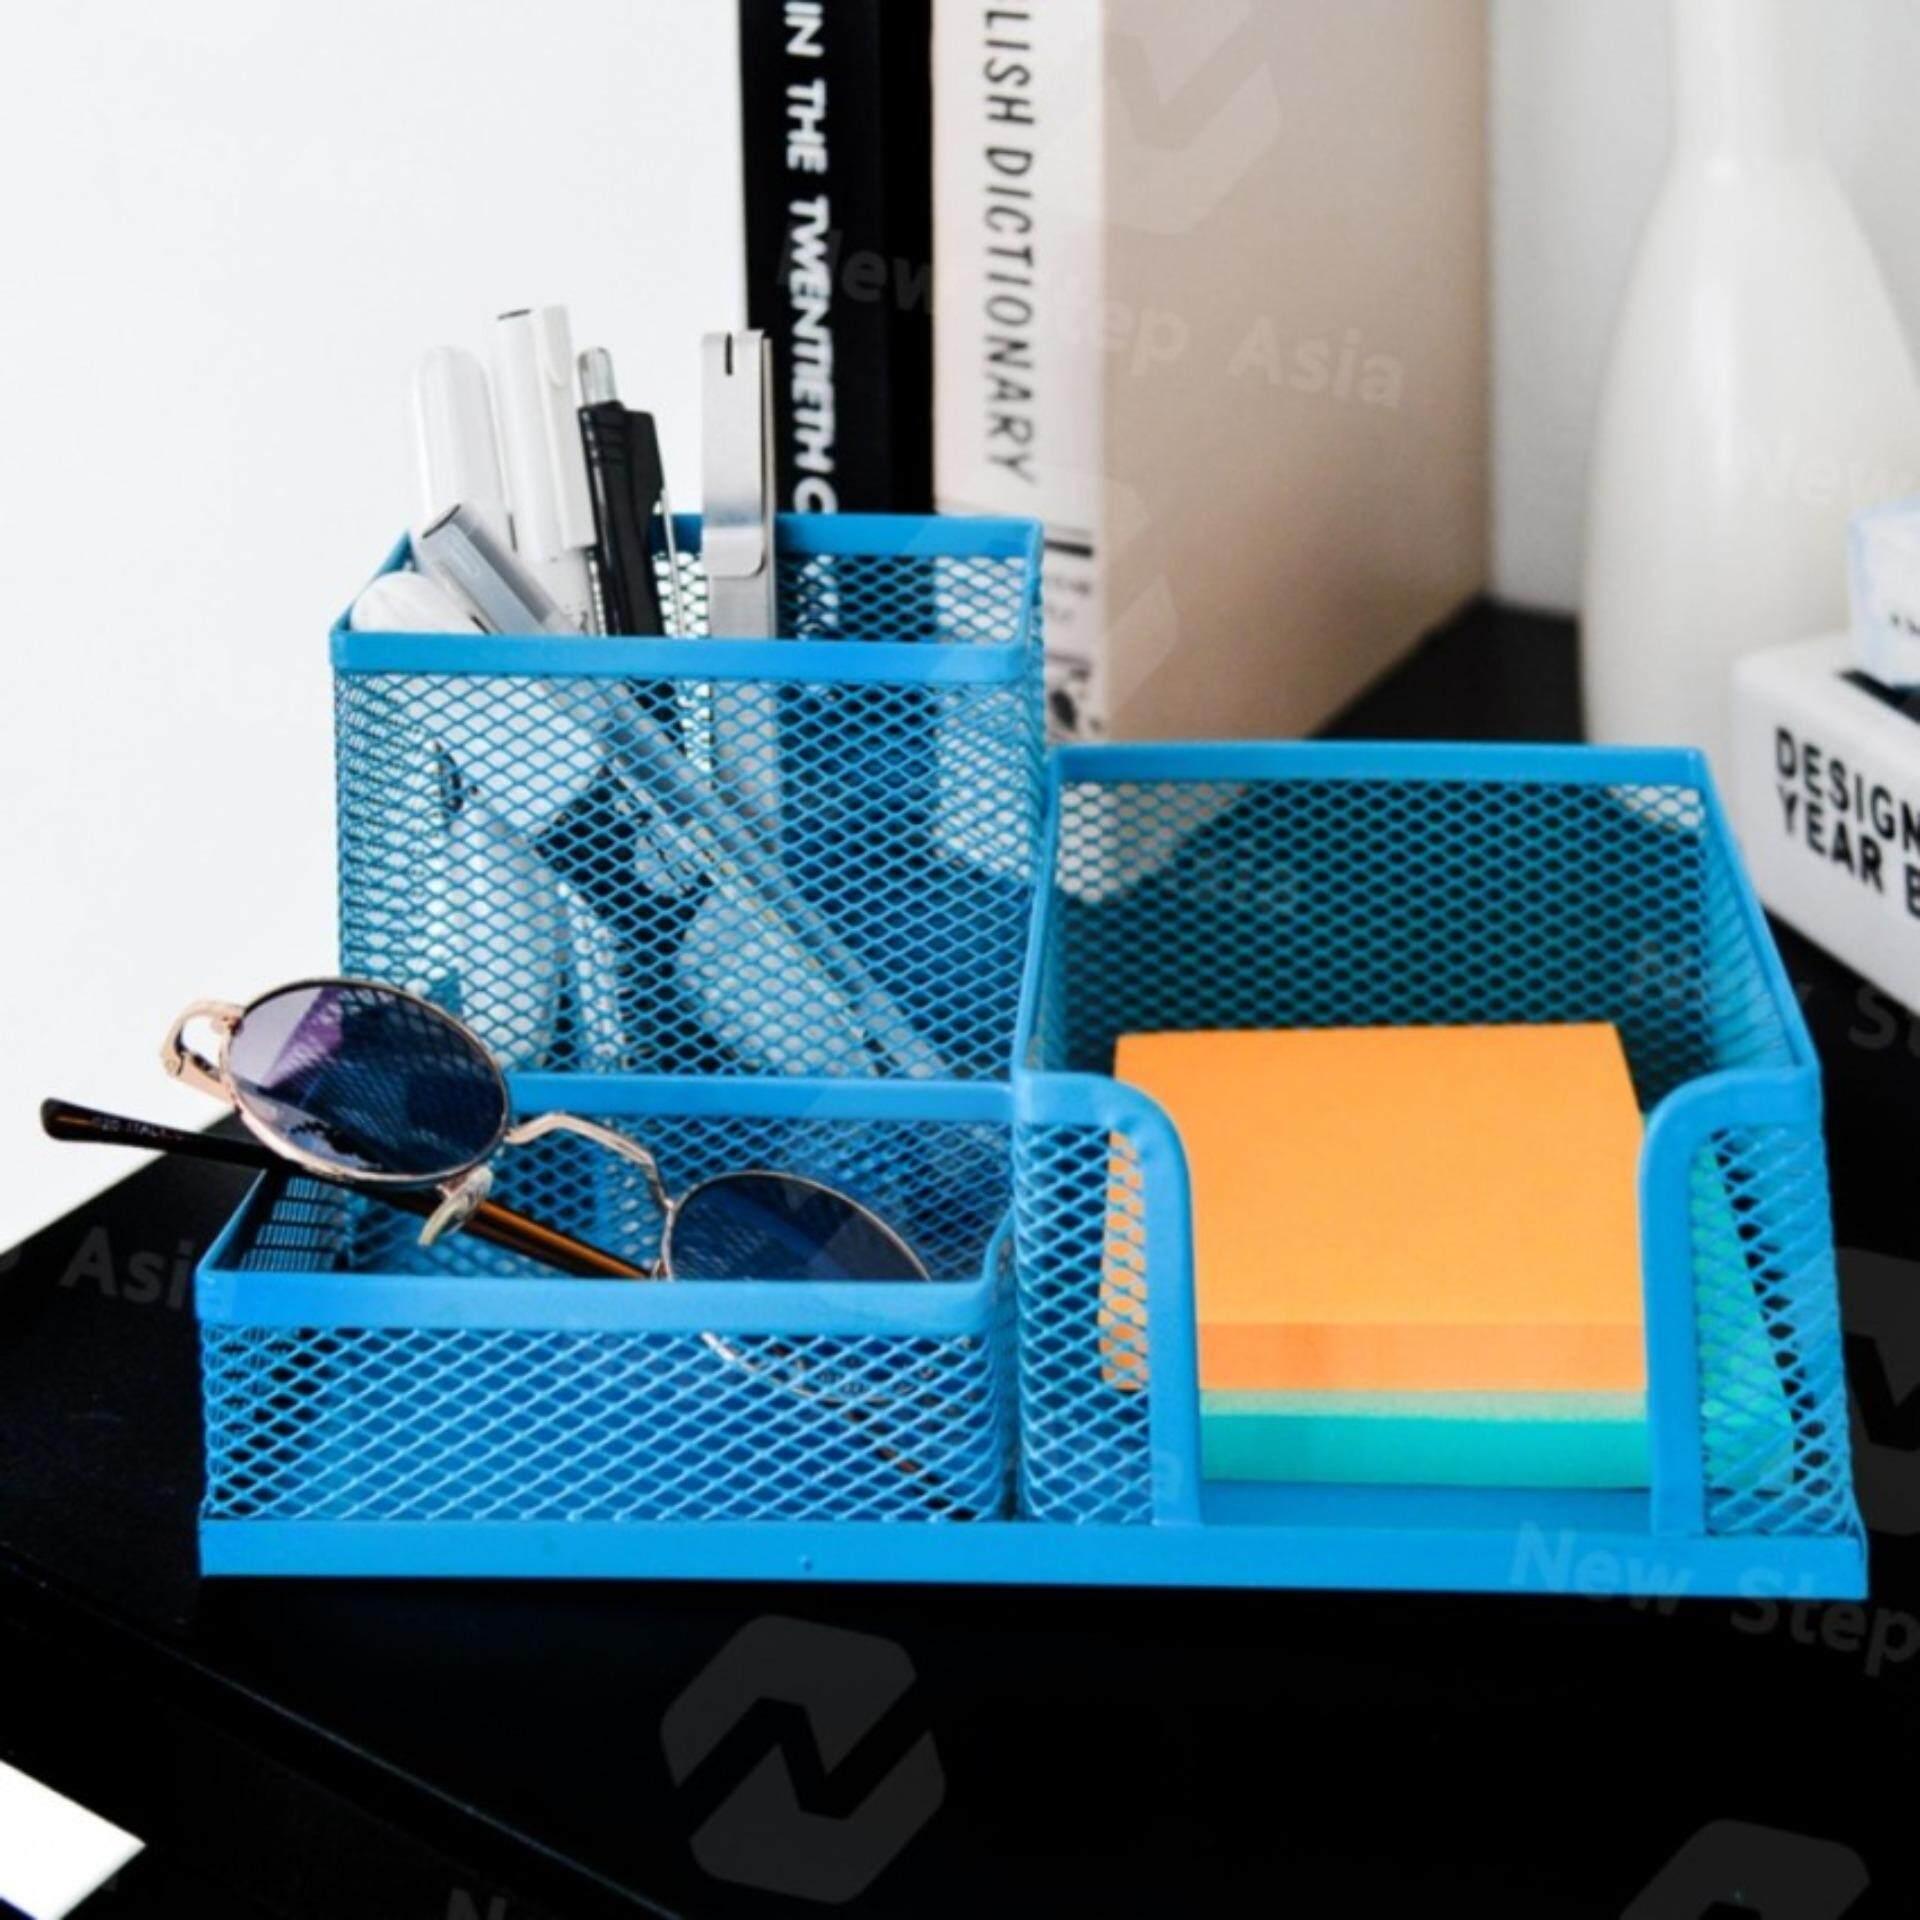 Hakone กล่องเหล็กเก็บปากกา ที่เสียบปากกา อุปกรณ์จัดเก็บบนโต๊ะ Stationery Storage Desk Organizer กล่องใส่ปากกา ที่เสียบดินสอ กล่องใส่เครื่องเขียน ที่ใส่เครื่องเขียน กล่องเก็บของ กล่องใส่ของ Pen Box New Step Asia.